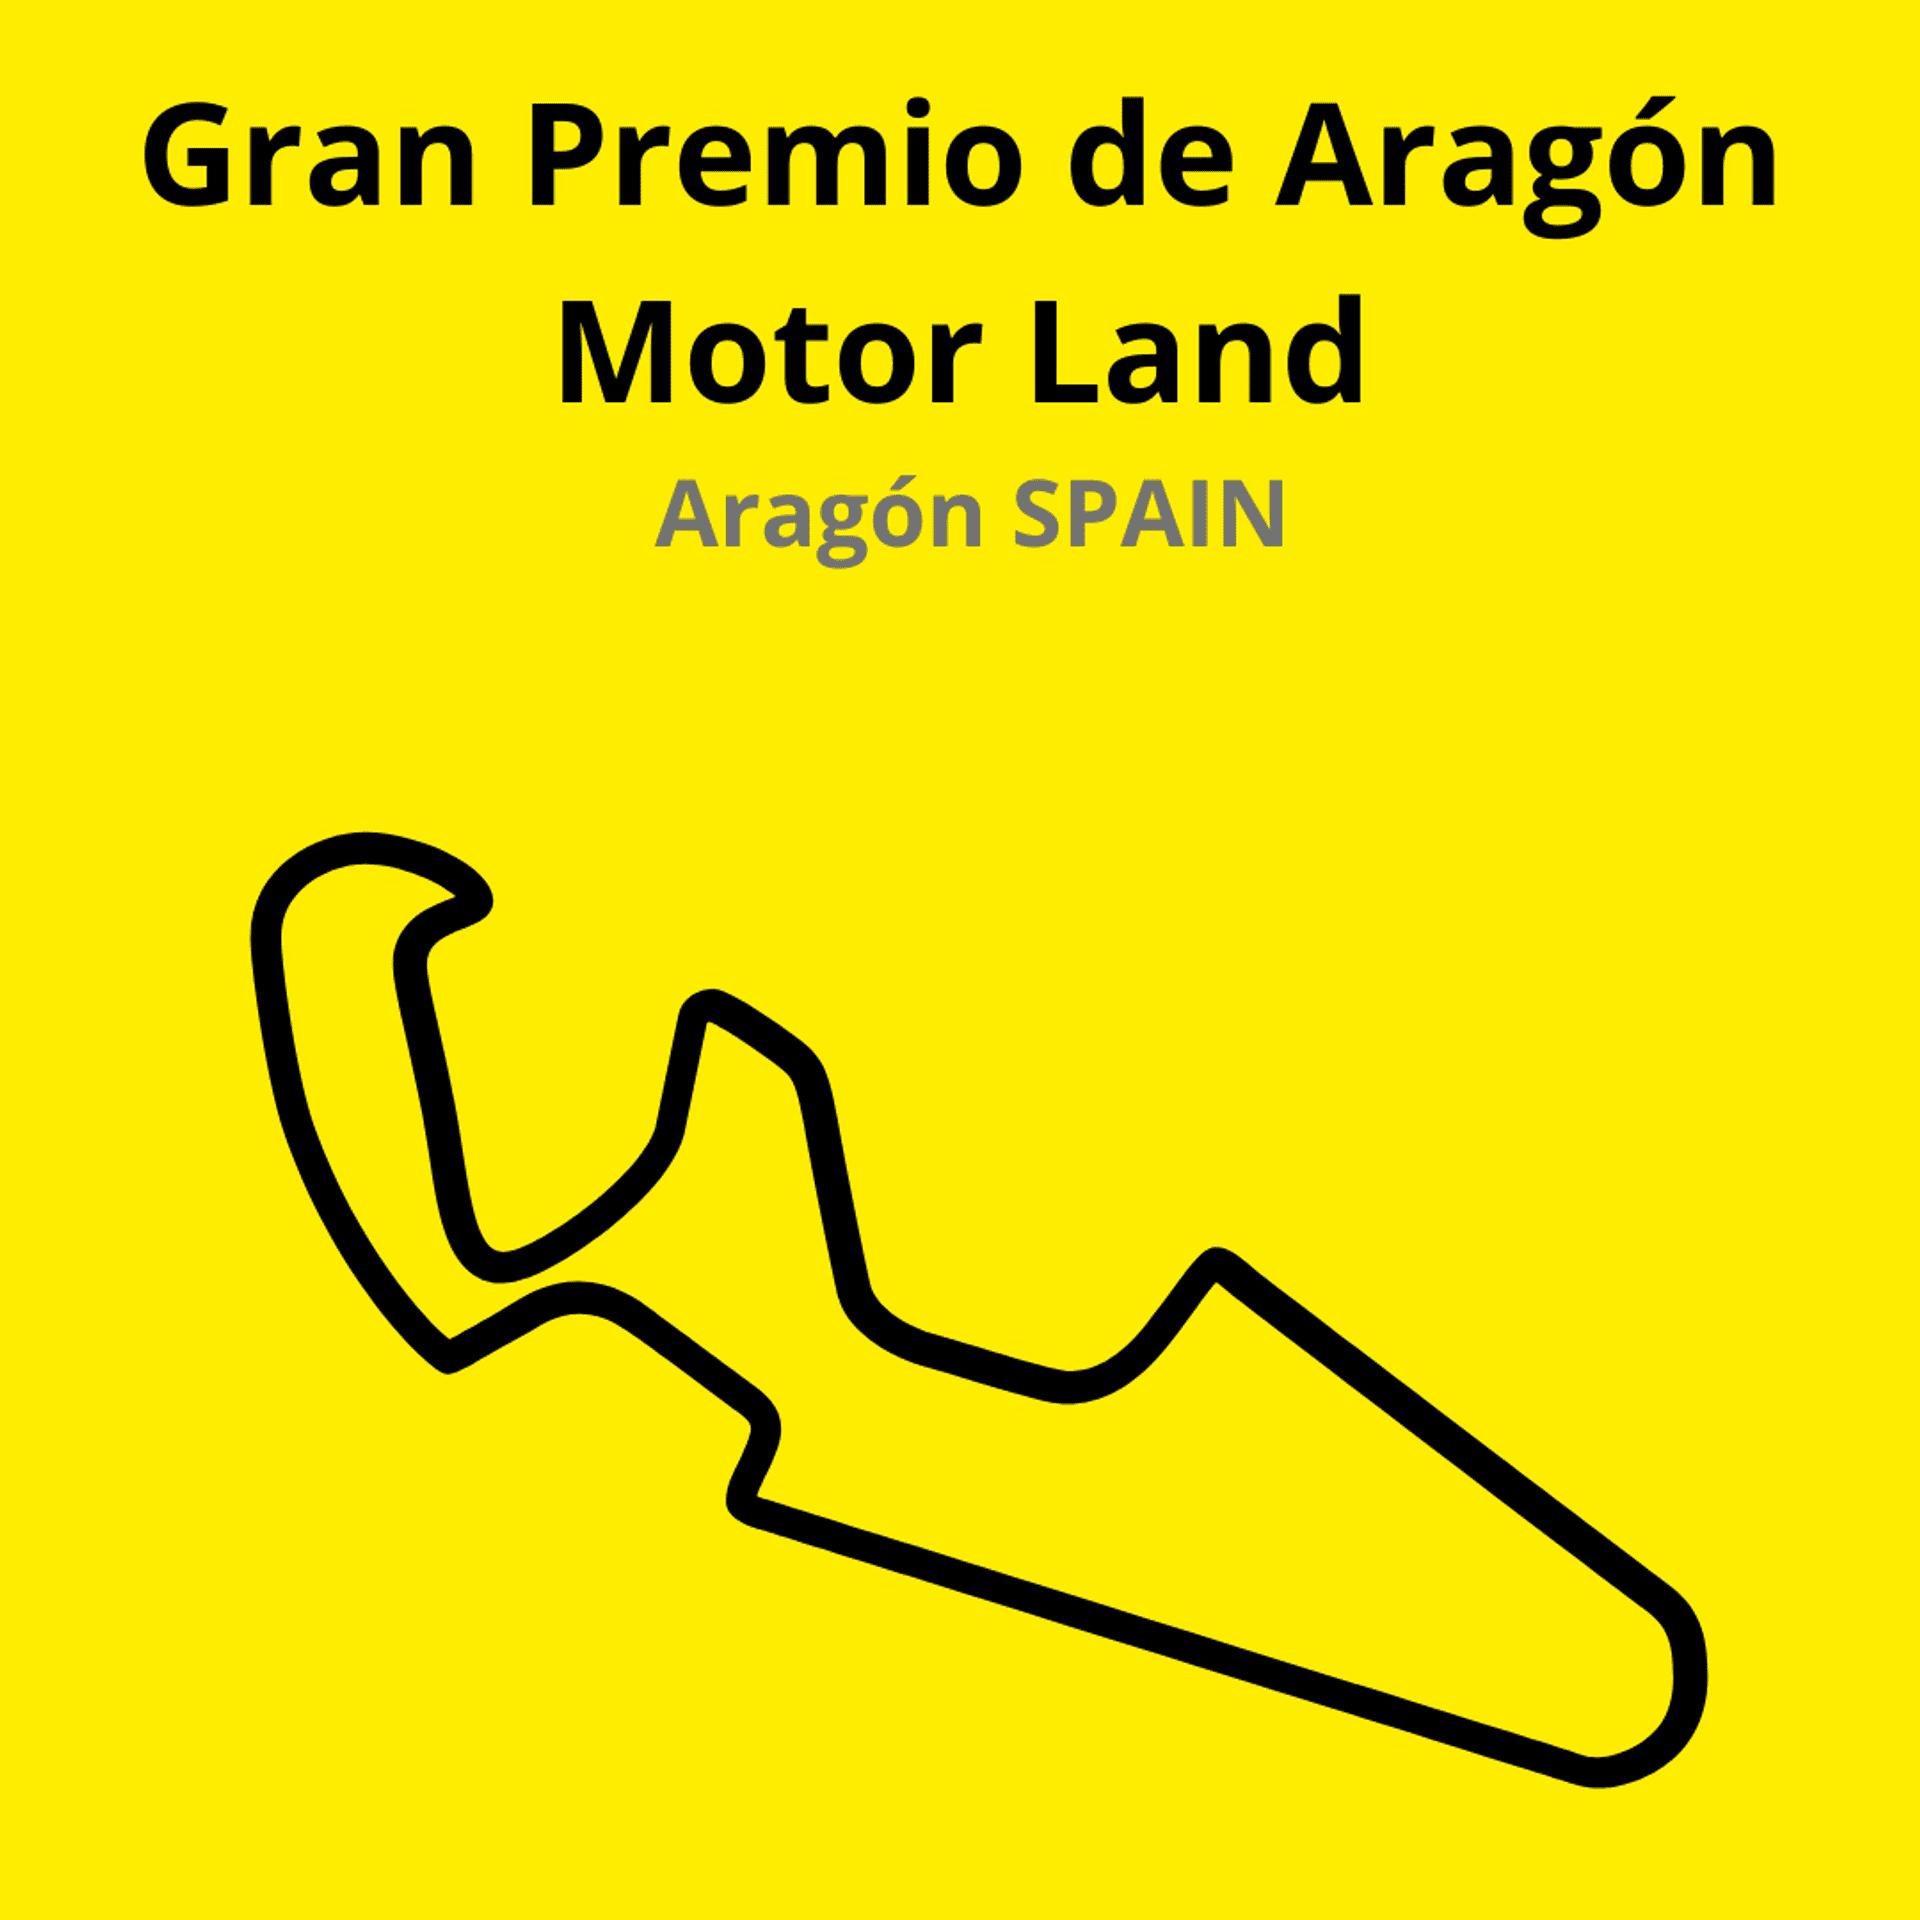 Gran Premio de Aragon. Scopri tutte le gare del moto mondiale 2021.Le caratteristiche di ogni circuito, i record e difficoltà.Segui insieme a noi tutte le gare di Tony Arbolino nella sua nuova avventura in Moto2